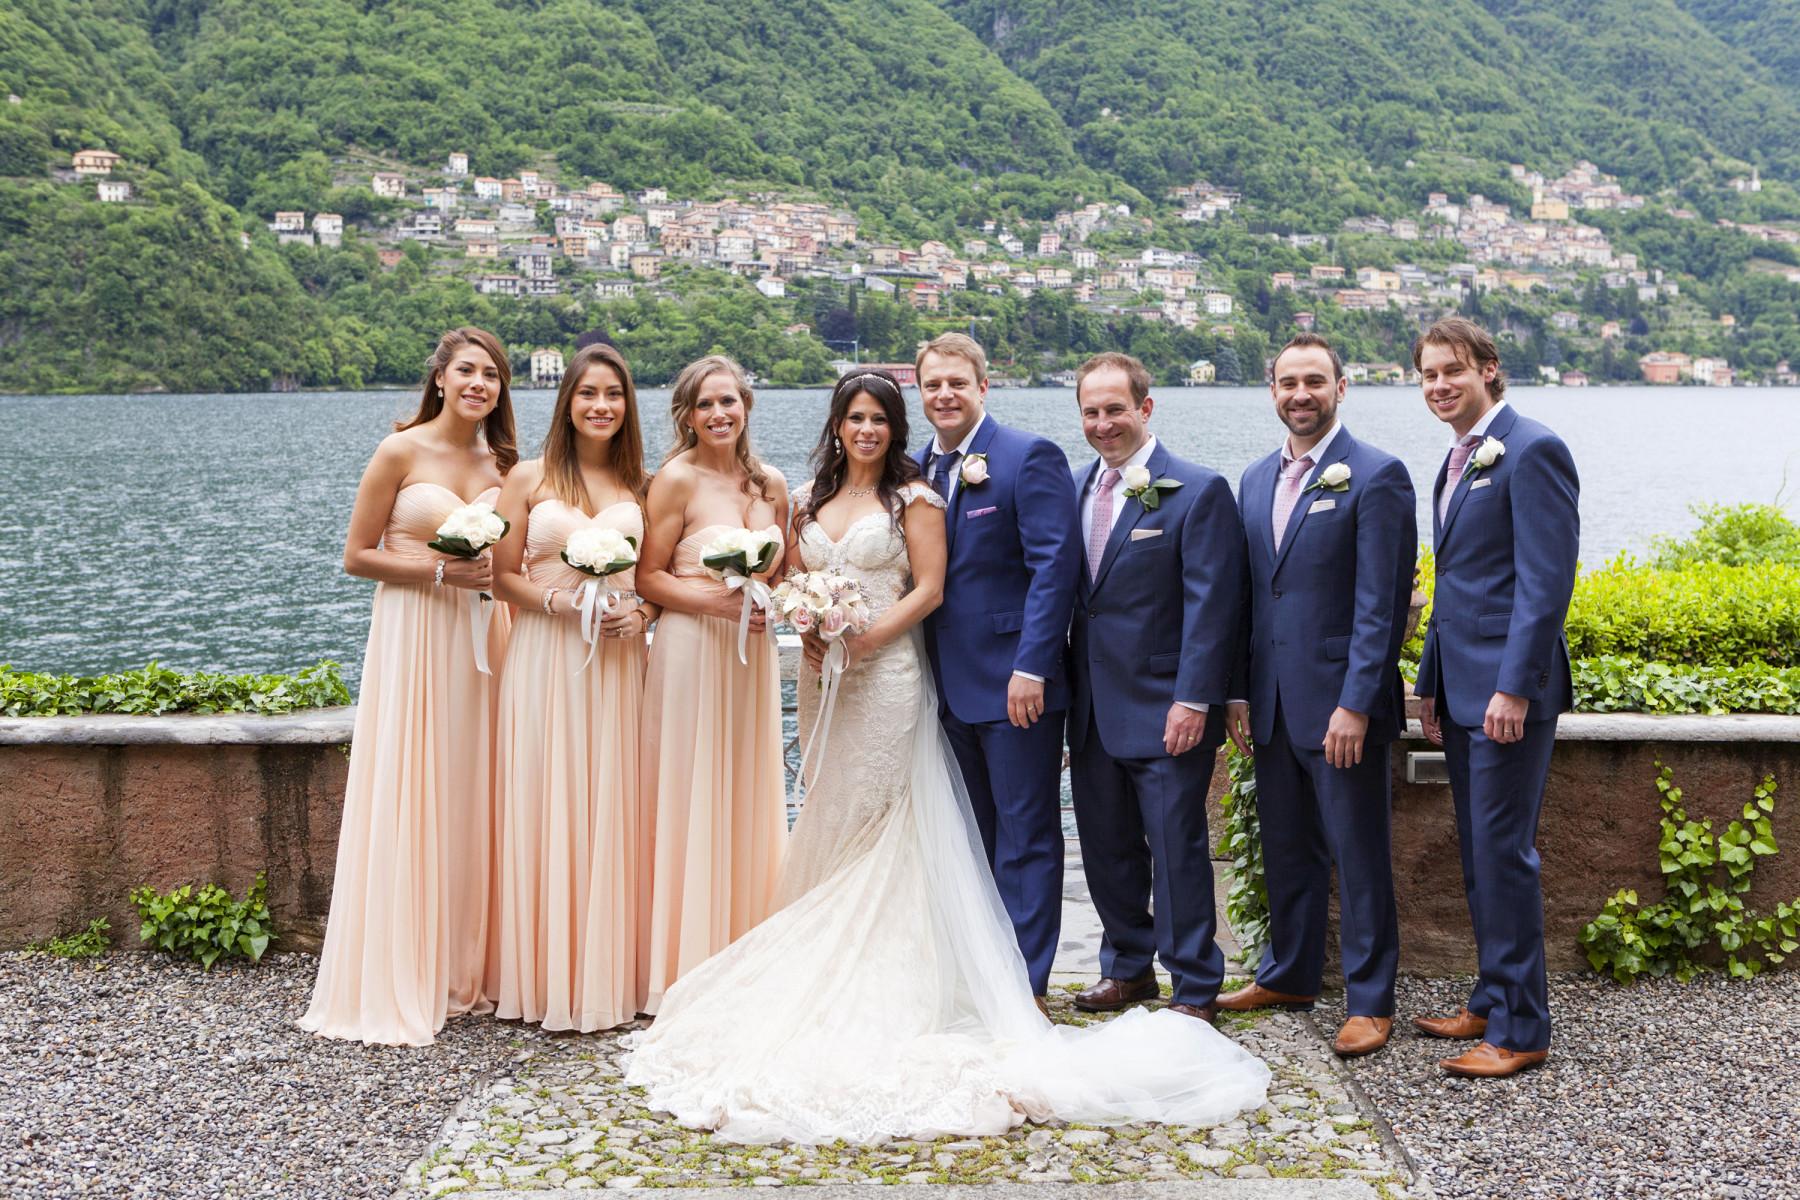 Matrimonio In America : Matrimonio americano villa regina teodolinda lago di